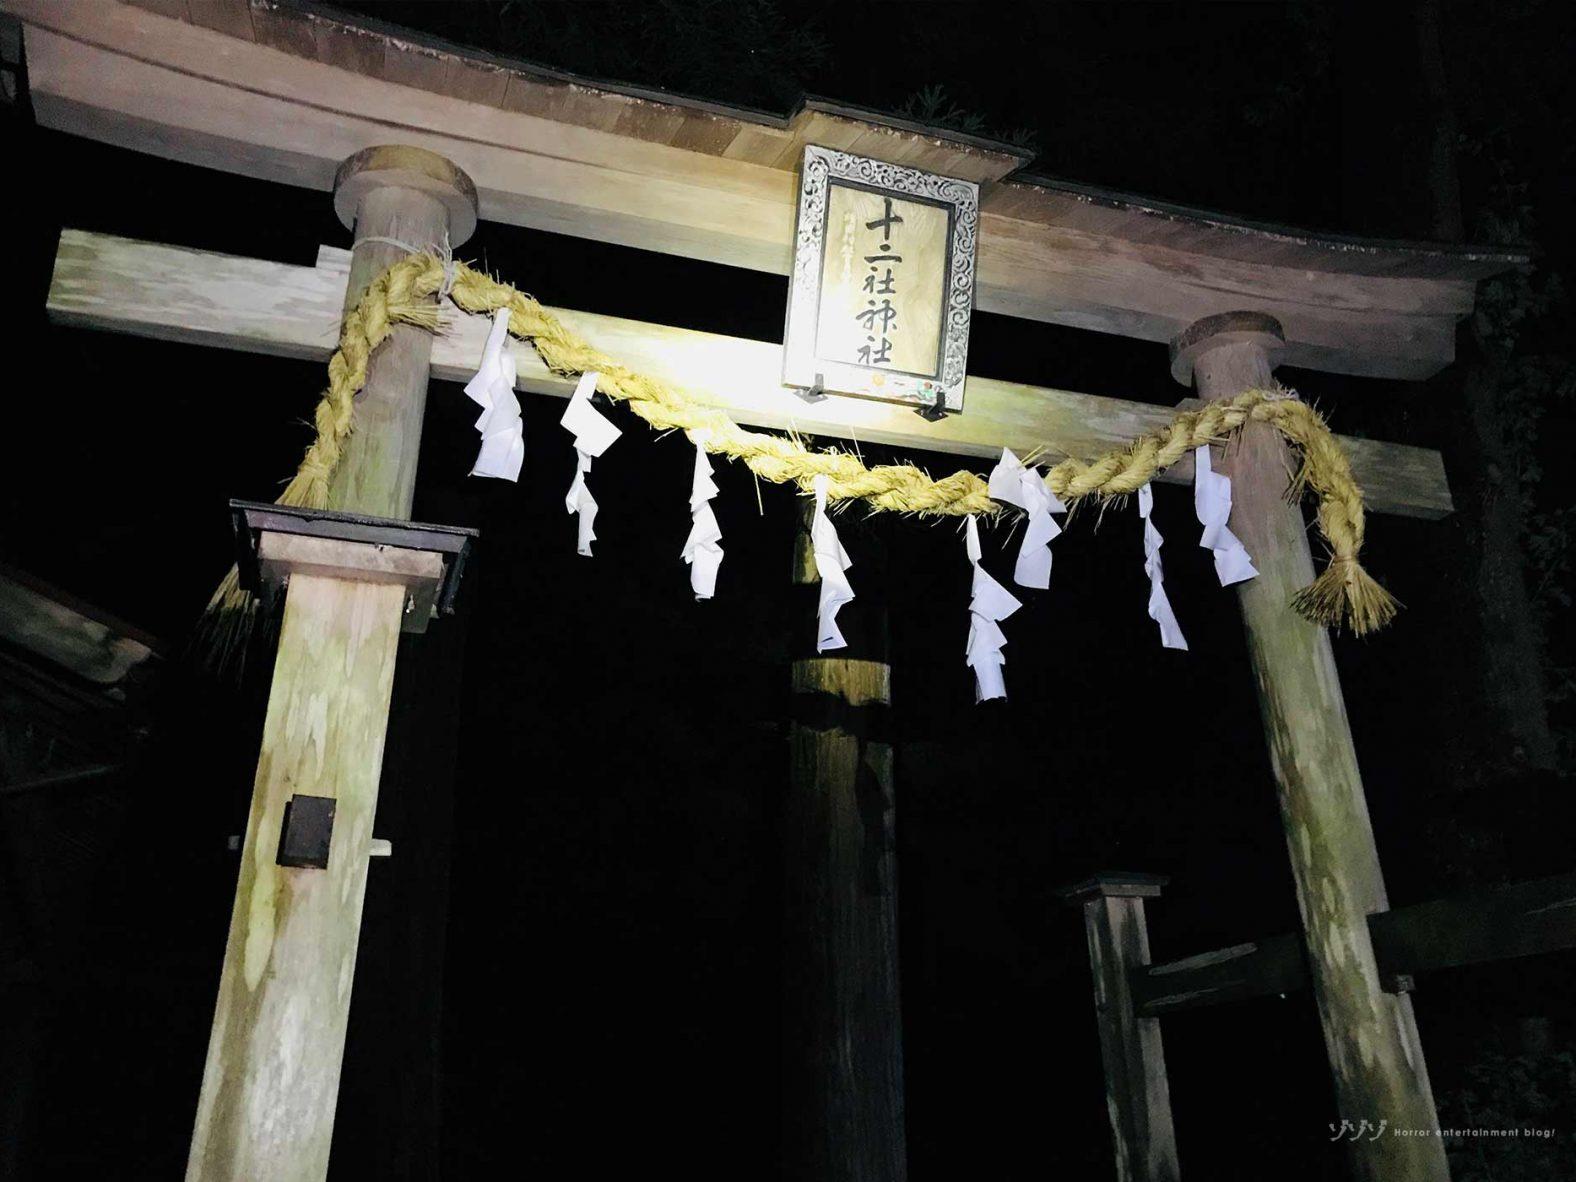 【シリーズ・心霊スポット】岳集落